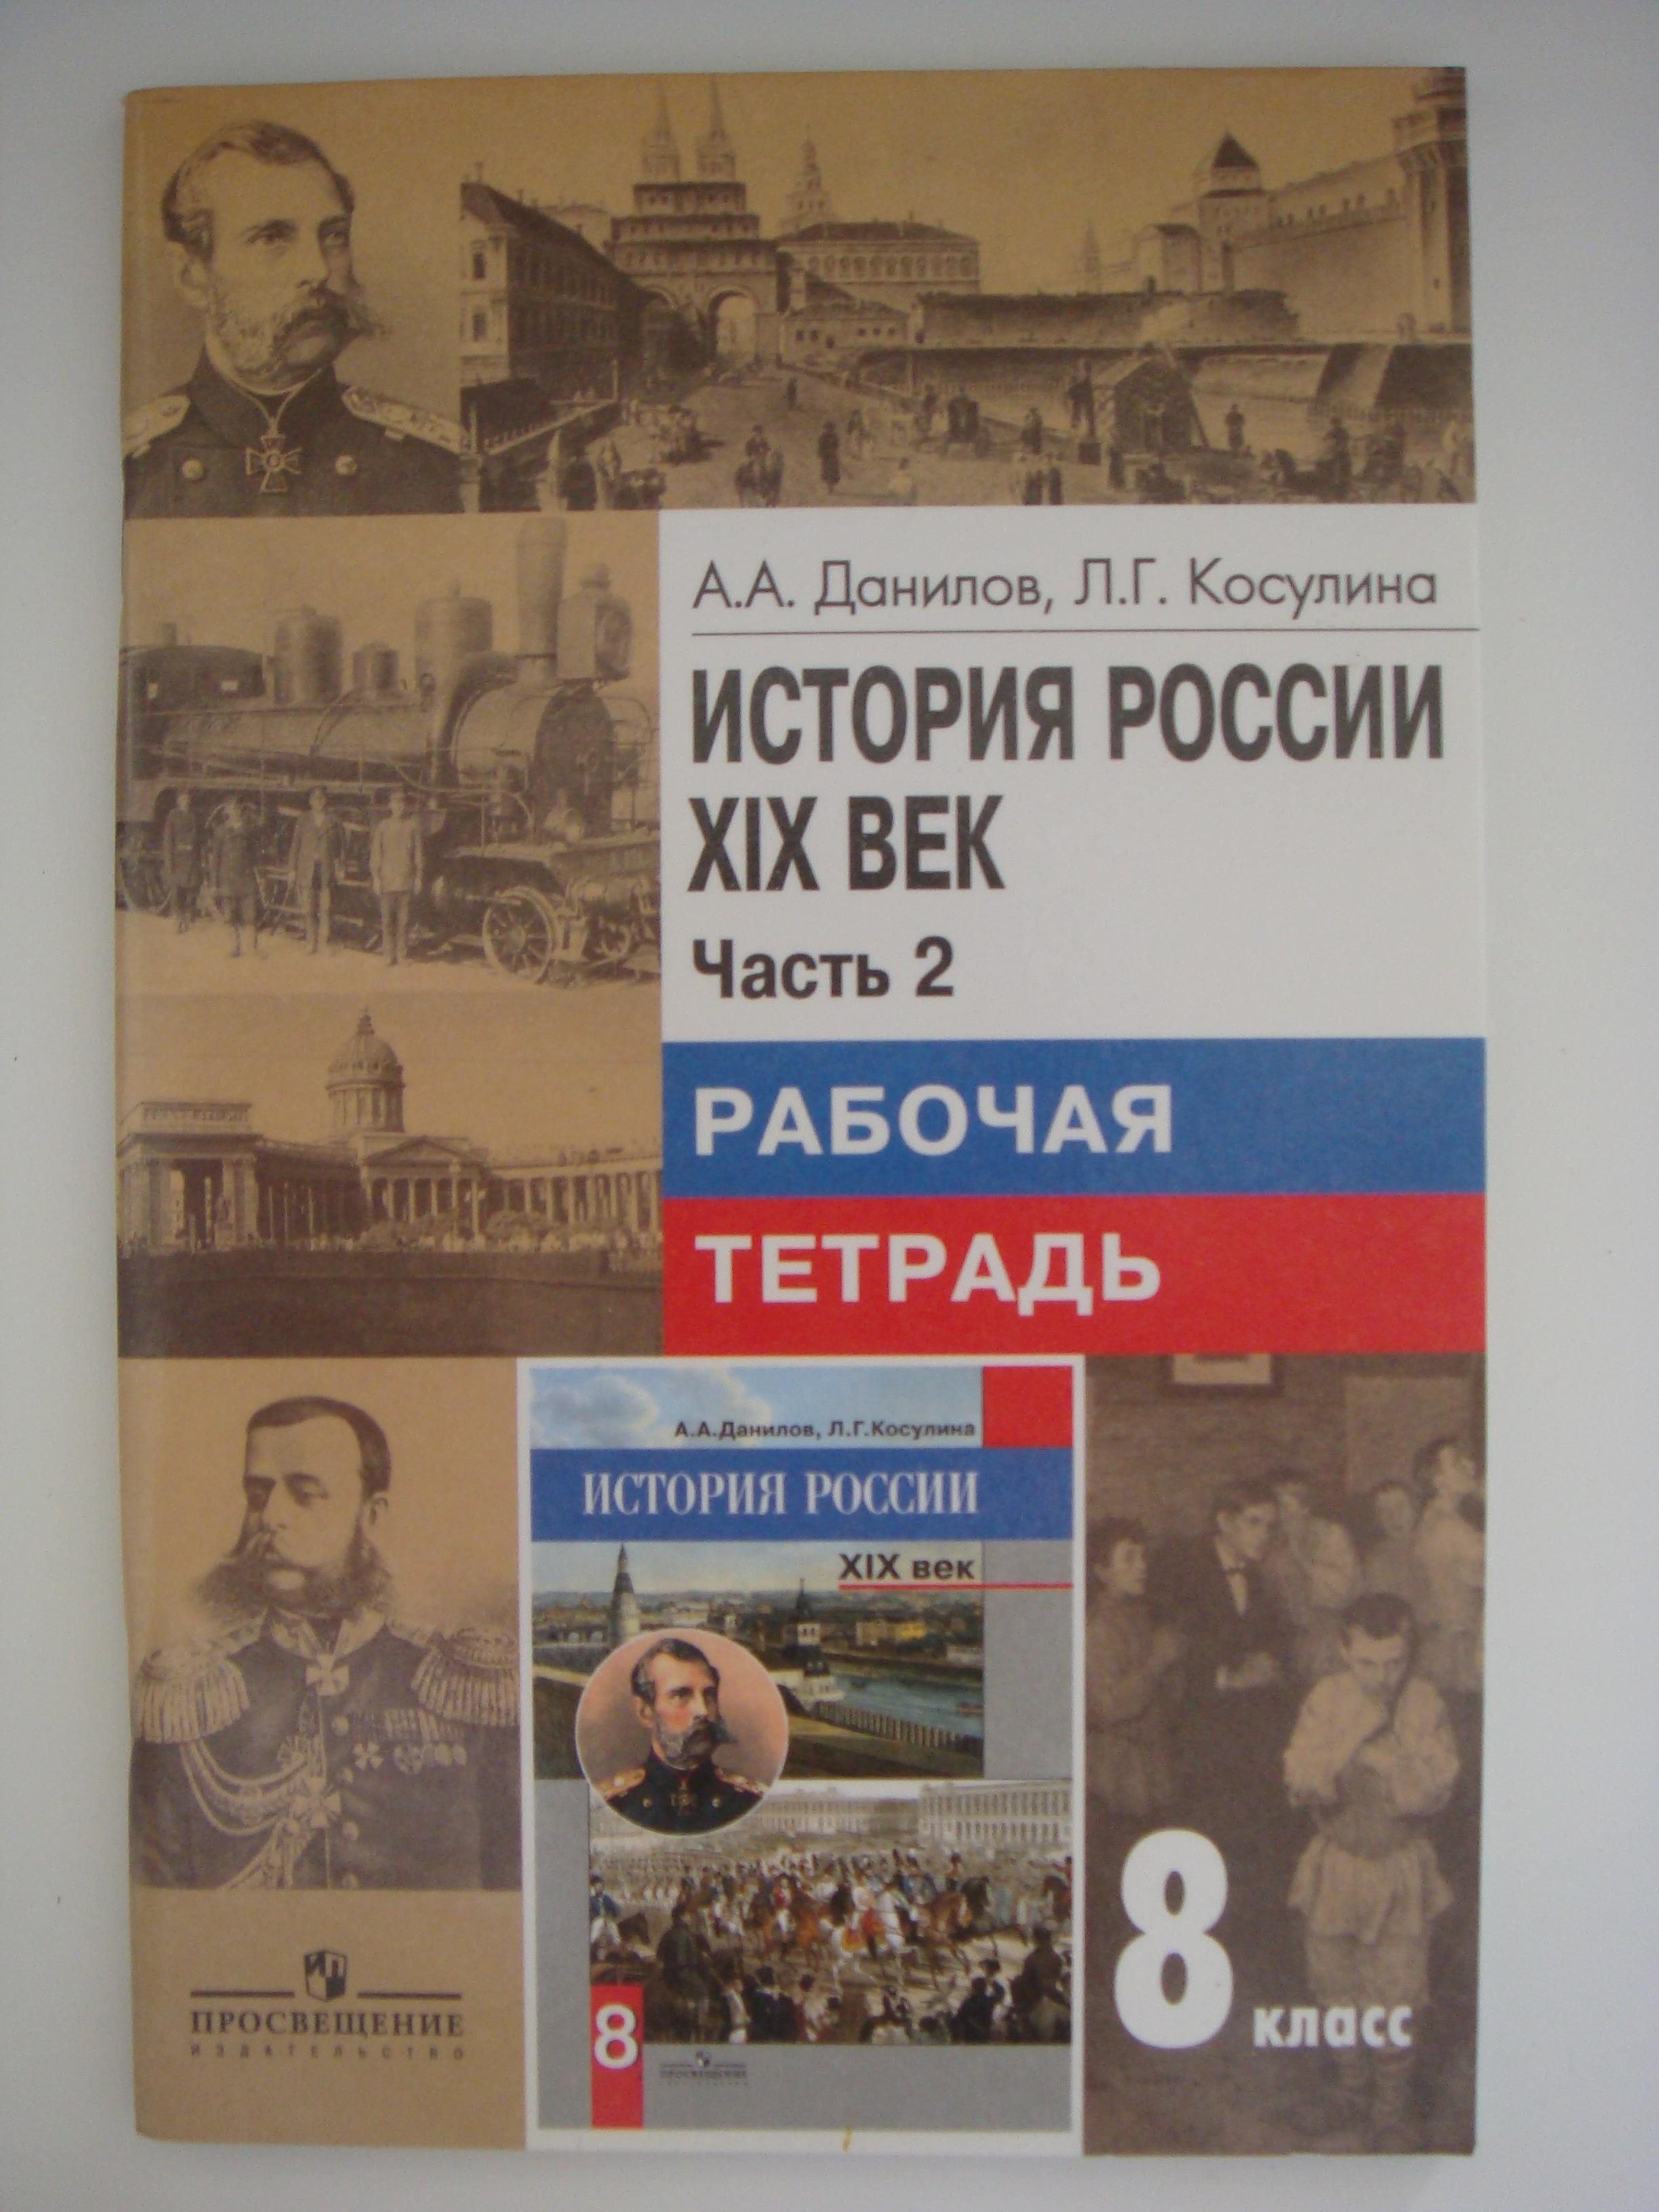 гдз история россии рабочая тетрадь данилов косулина 8